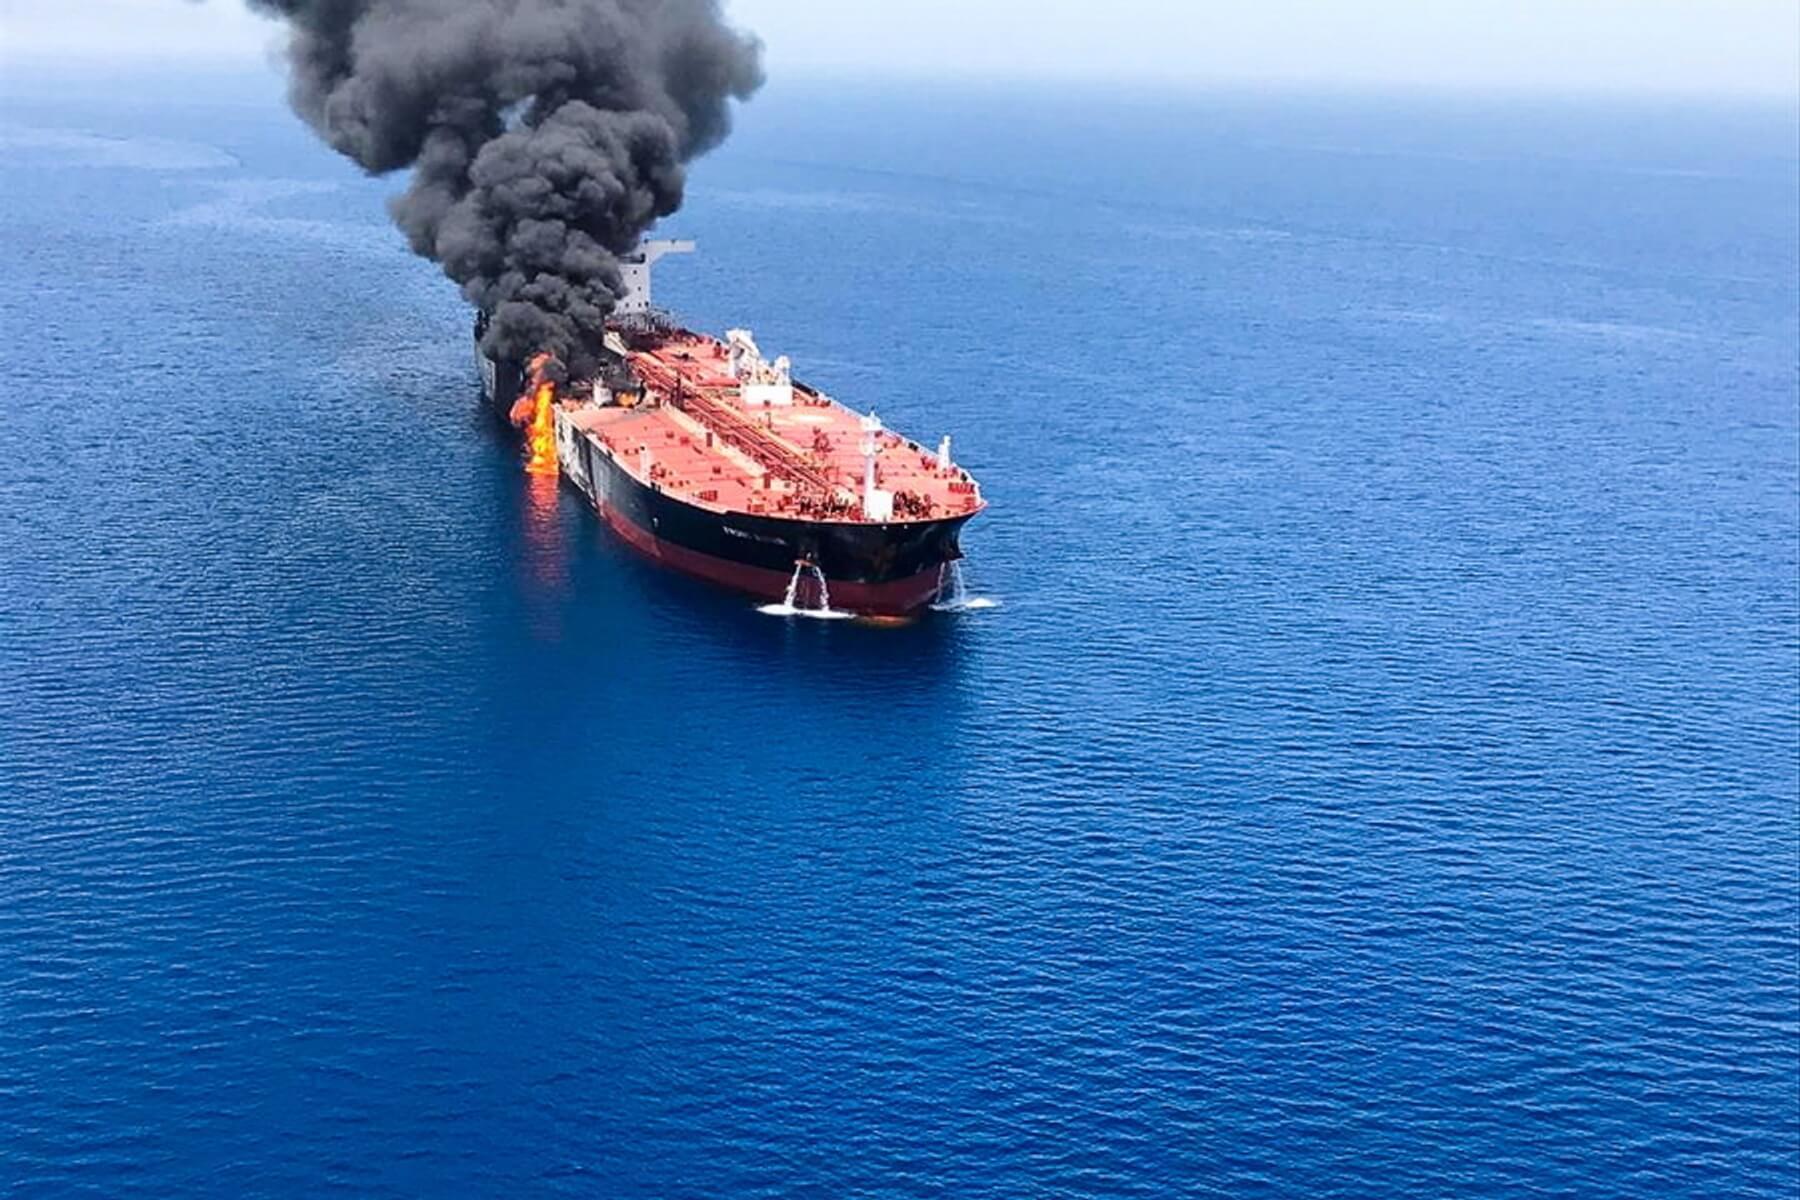 Σοκάρουν οι εικόνες από το φλεγόμενο τάνκερ στον Κόλπο του Ομάν - Παγκόσμια ανησυχία μετά τις επιθέσεις στα δυο δεξαμενόπλοια